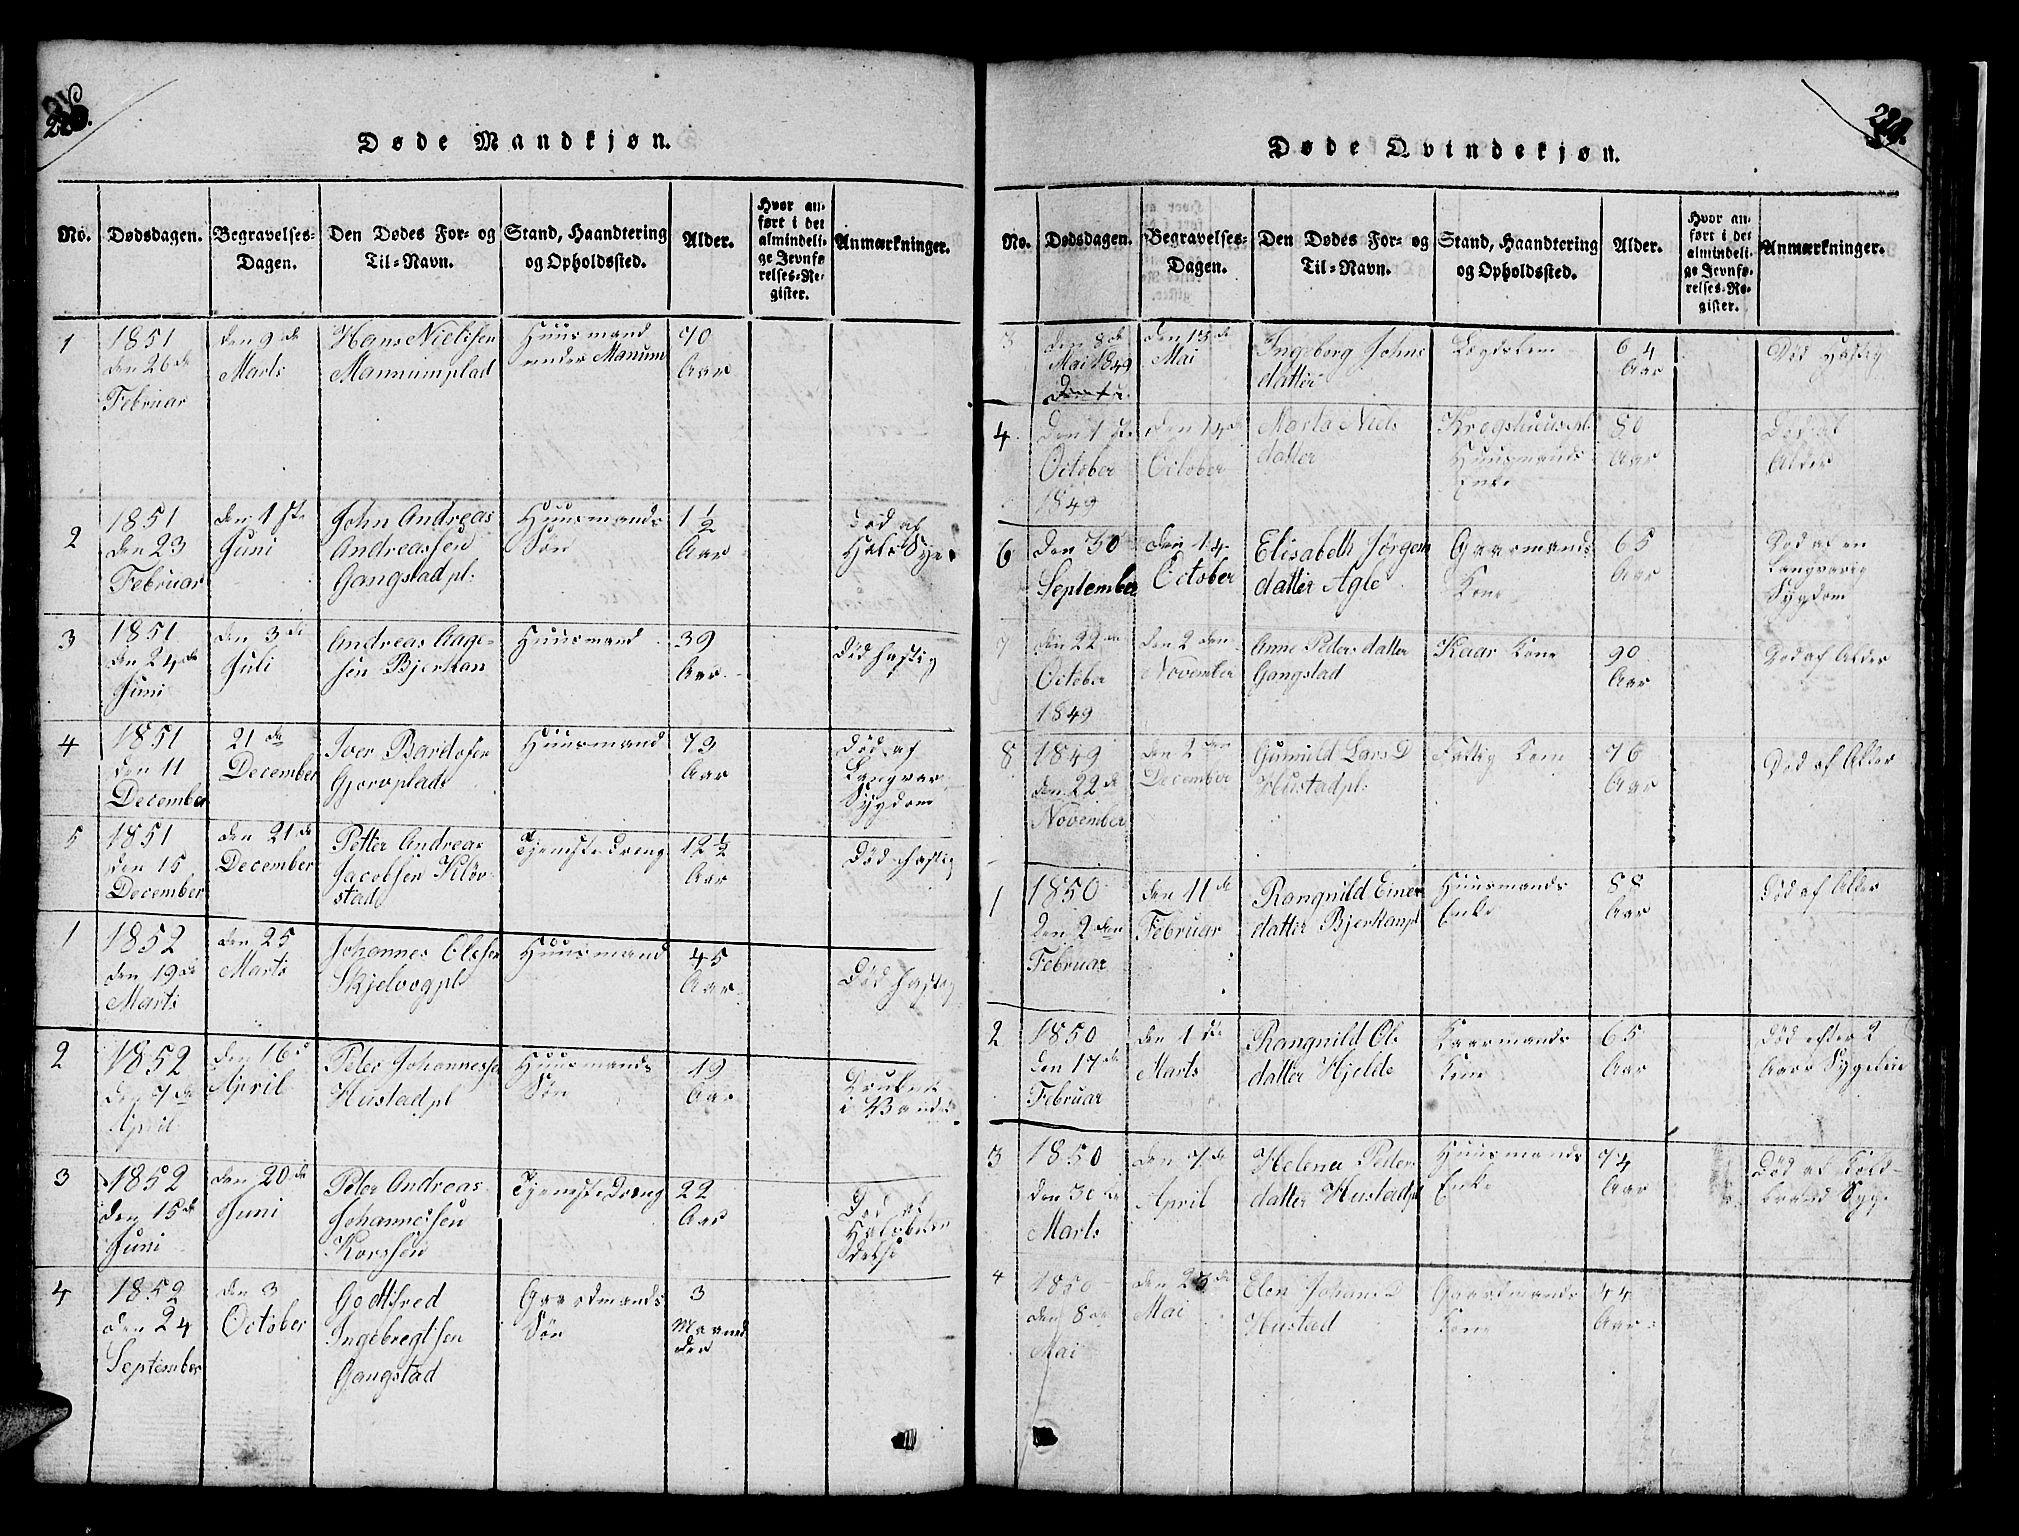 SAT, Ministerialprotokoller, klokkerbøker og fødselsregistre - Nord-Trøndelag, 732/L0317: Klokkerbok nr. 732C01, 1816-1881, s. 220-221